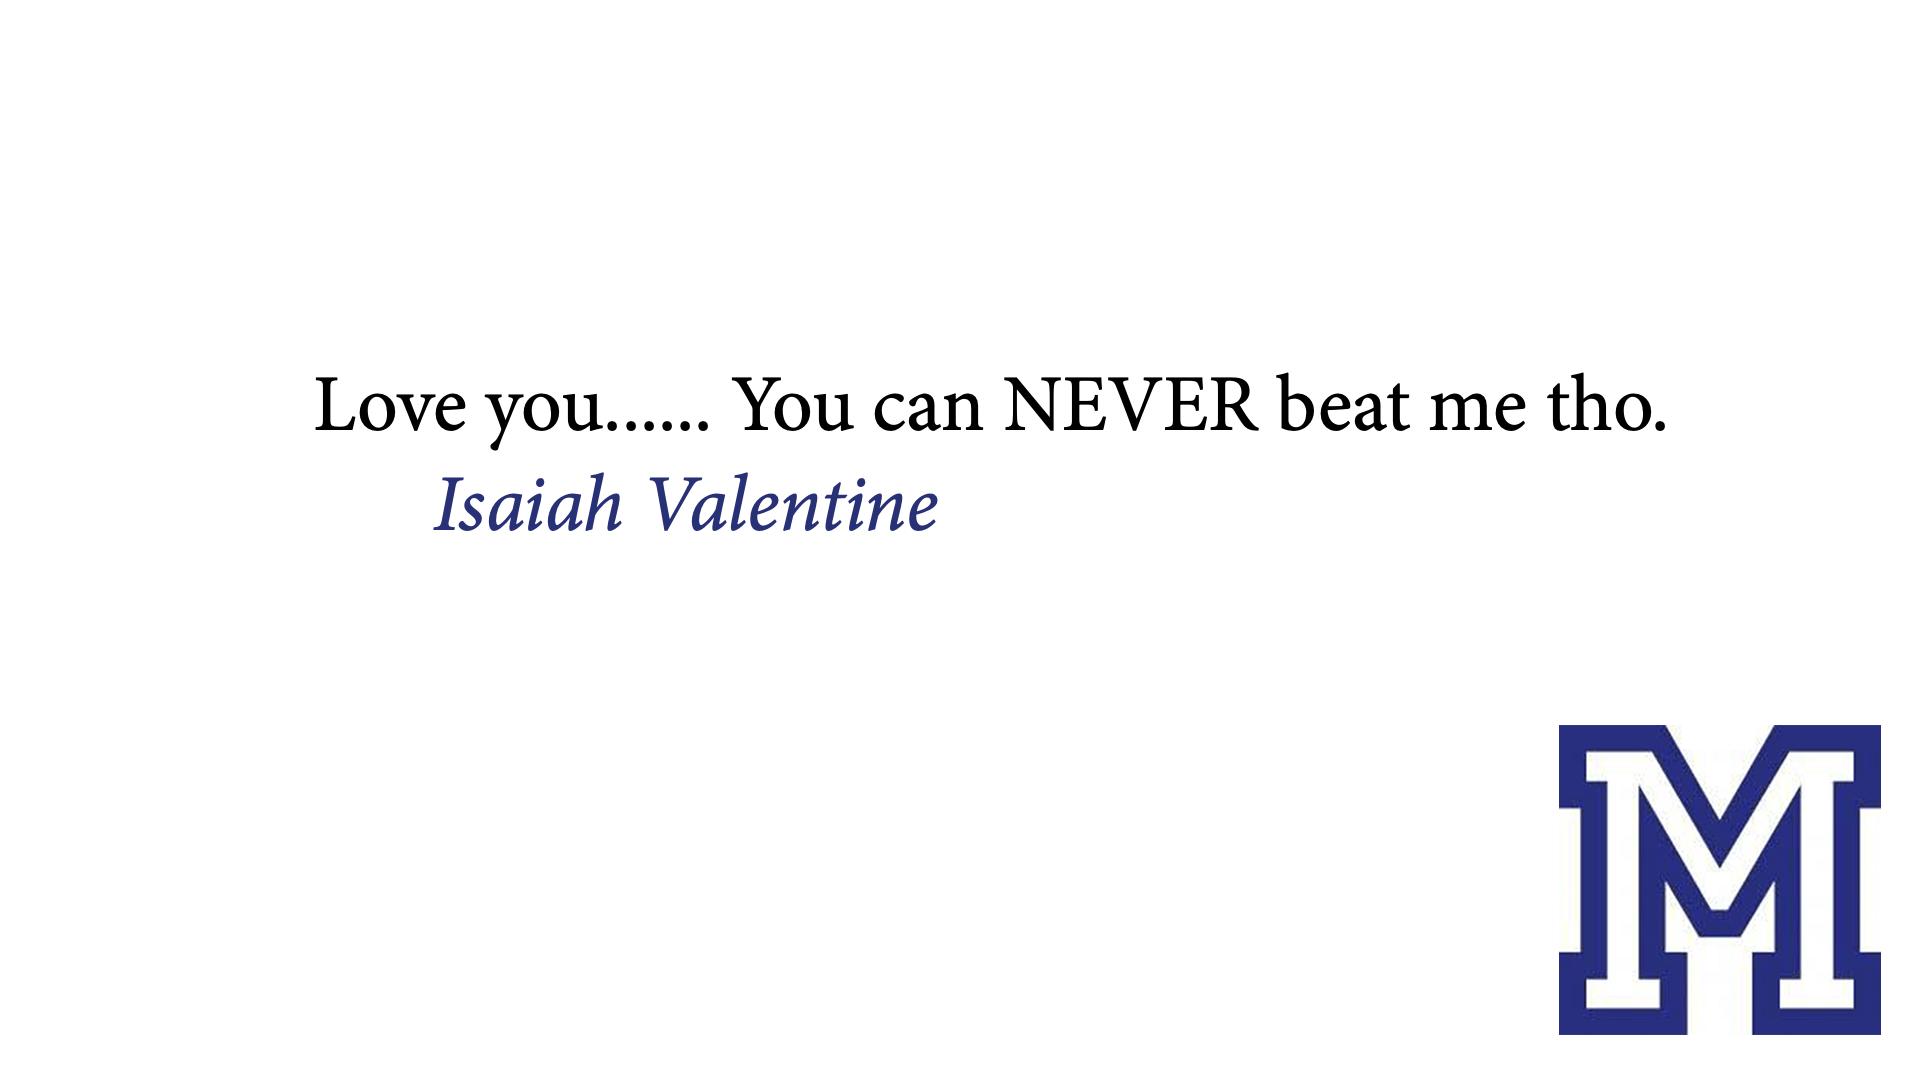 tbi_elijah-valentine_1210.png